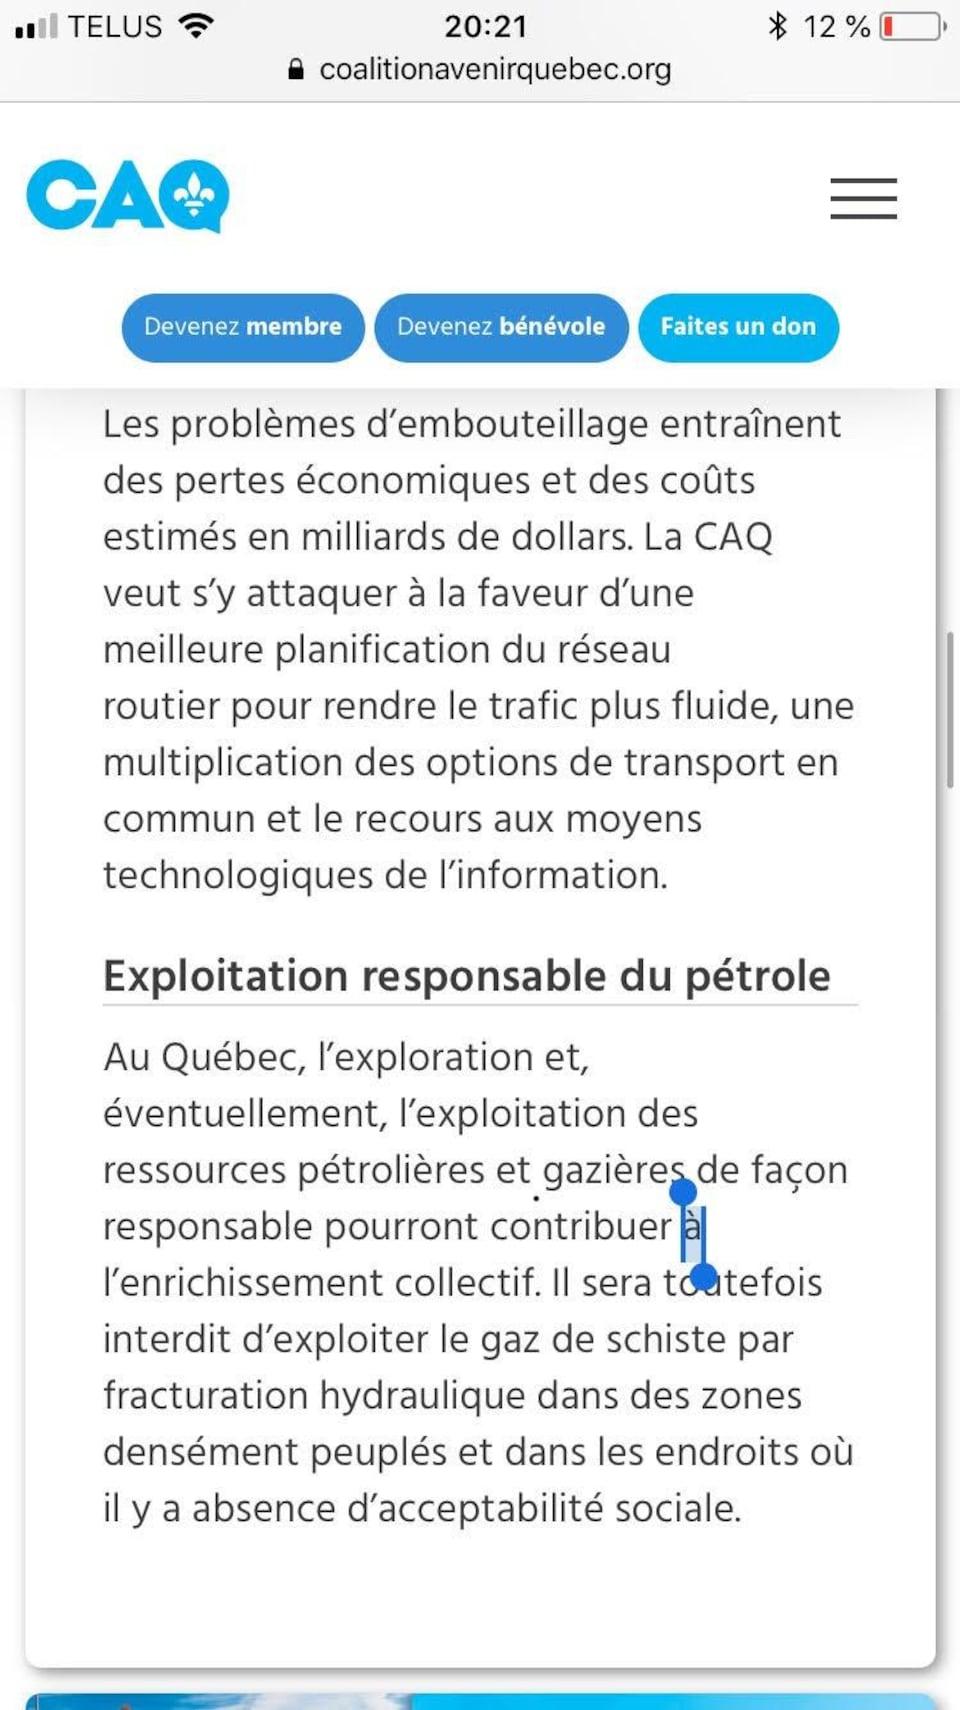 Le programme du parti faisait initialement mention de l'exploitation du pétrole et du gaz de schiste.